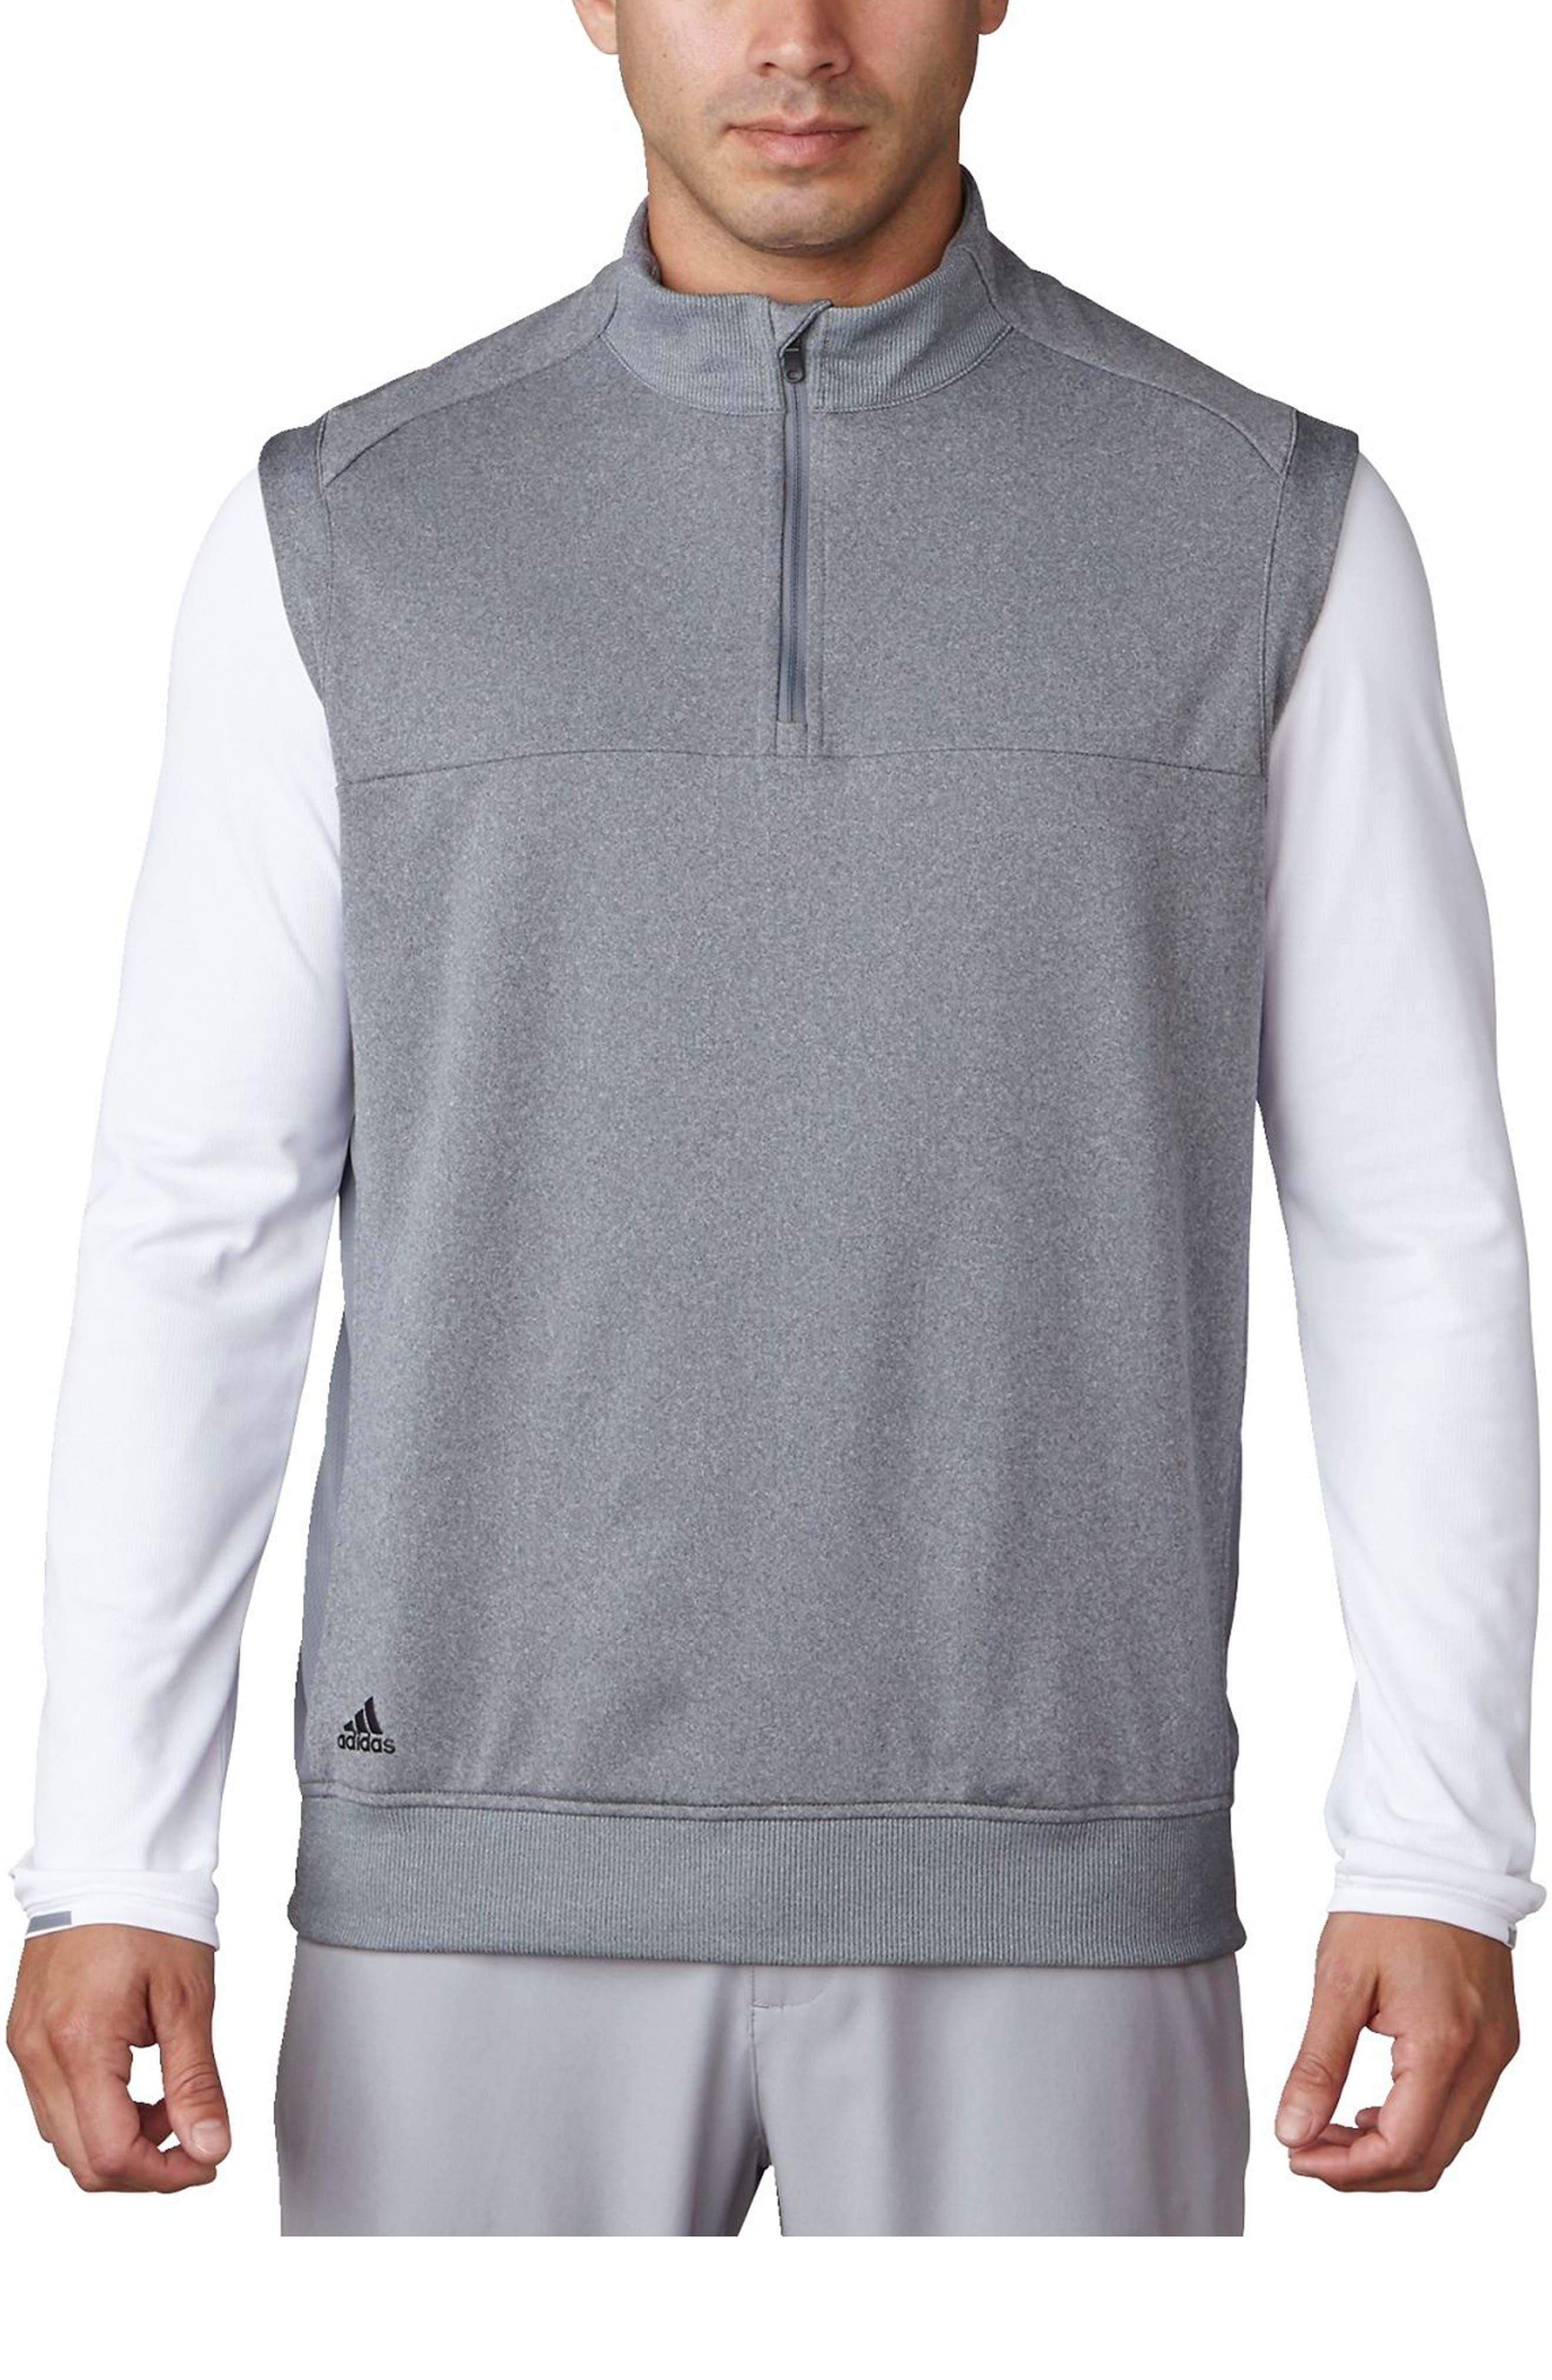 Main Image - adidas Club Quarter Zip Pullover Vest